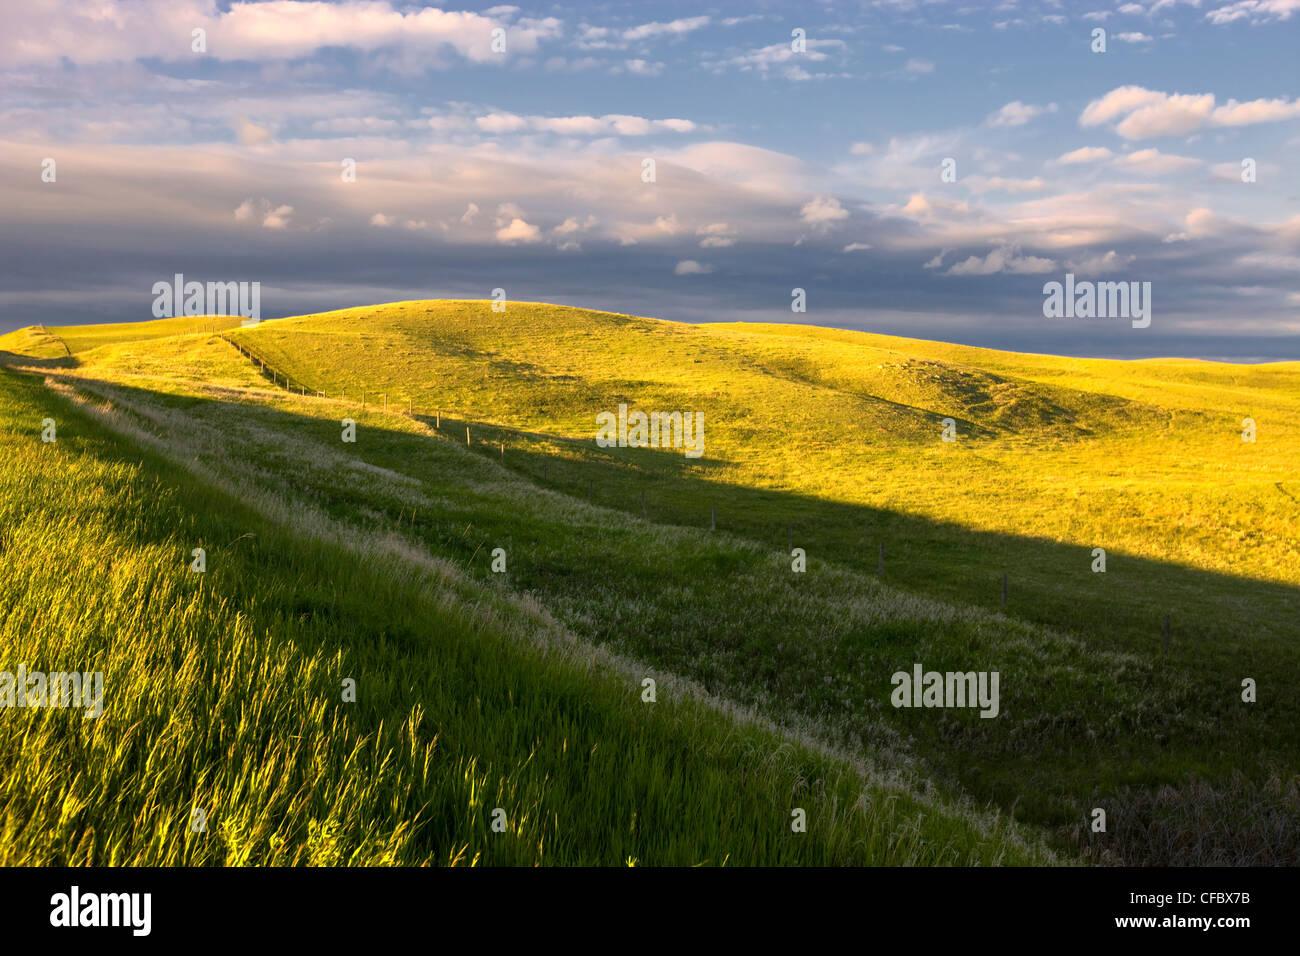 Campos en tiempo de primavera, de Basildon, Saskatchewan, Canadá. Imagen De Stock